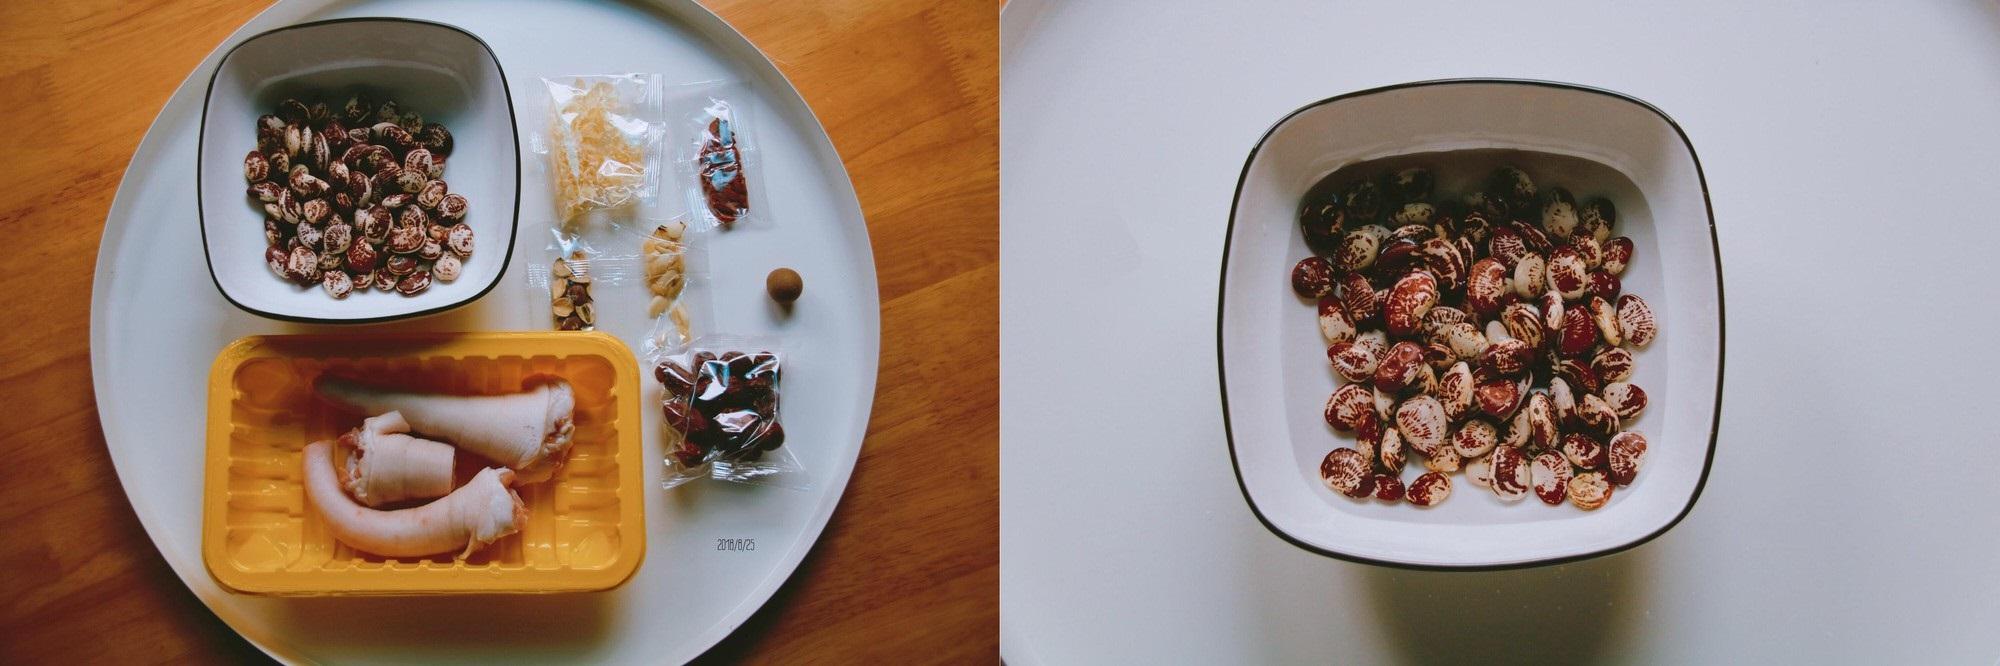 Bồi bổ cơ thể cho cả nhà với món đuôi heo hầm đậu đỏ ngon mê tơi - Ảnh 1